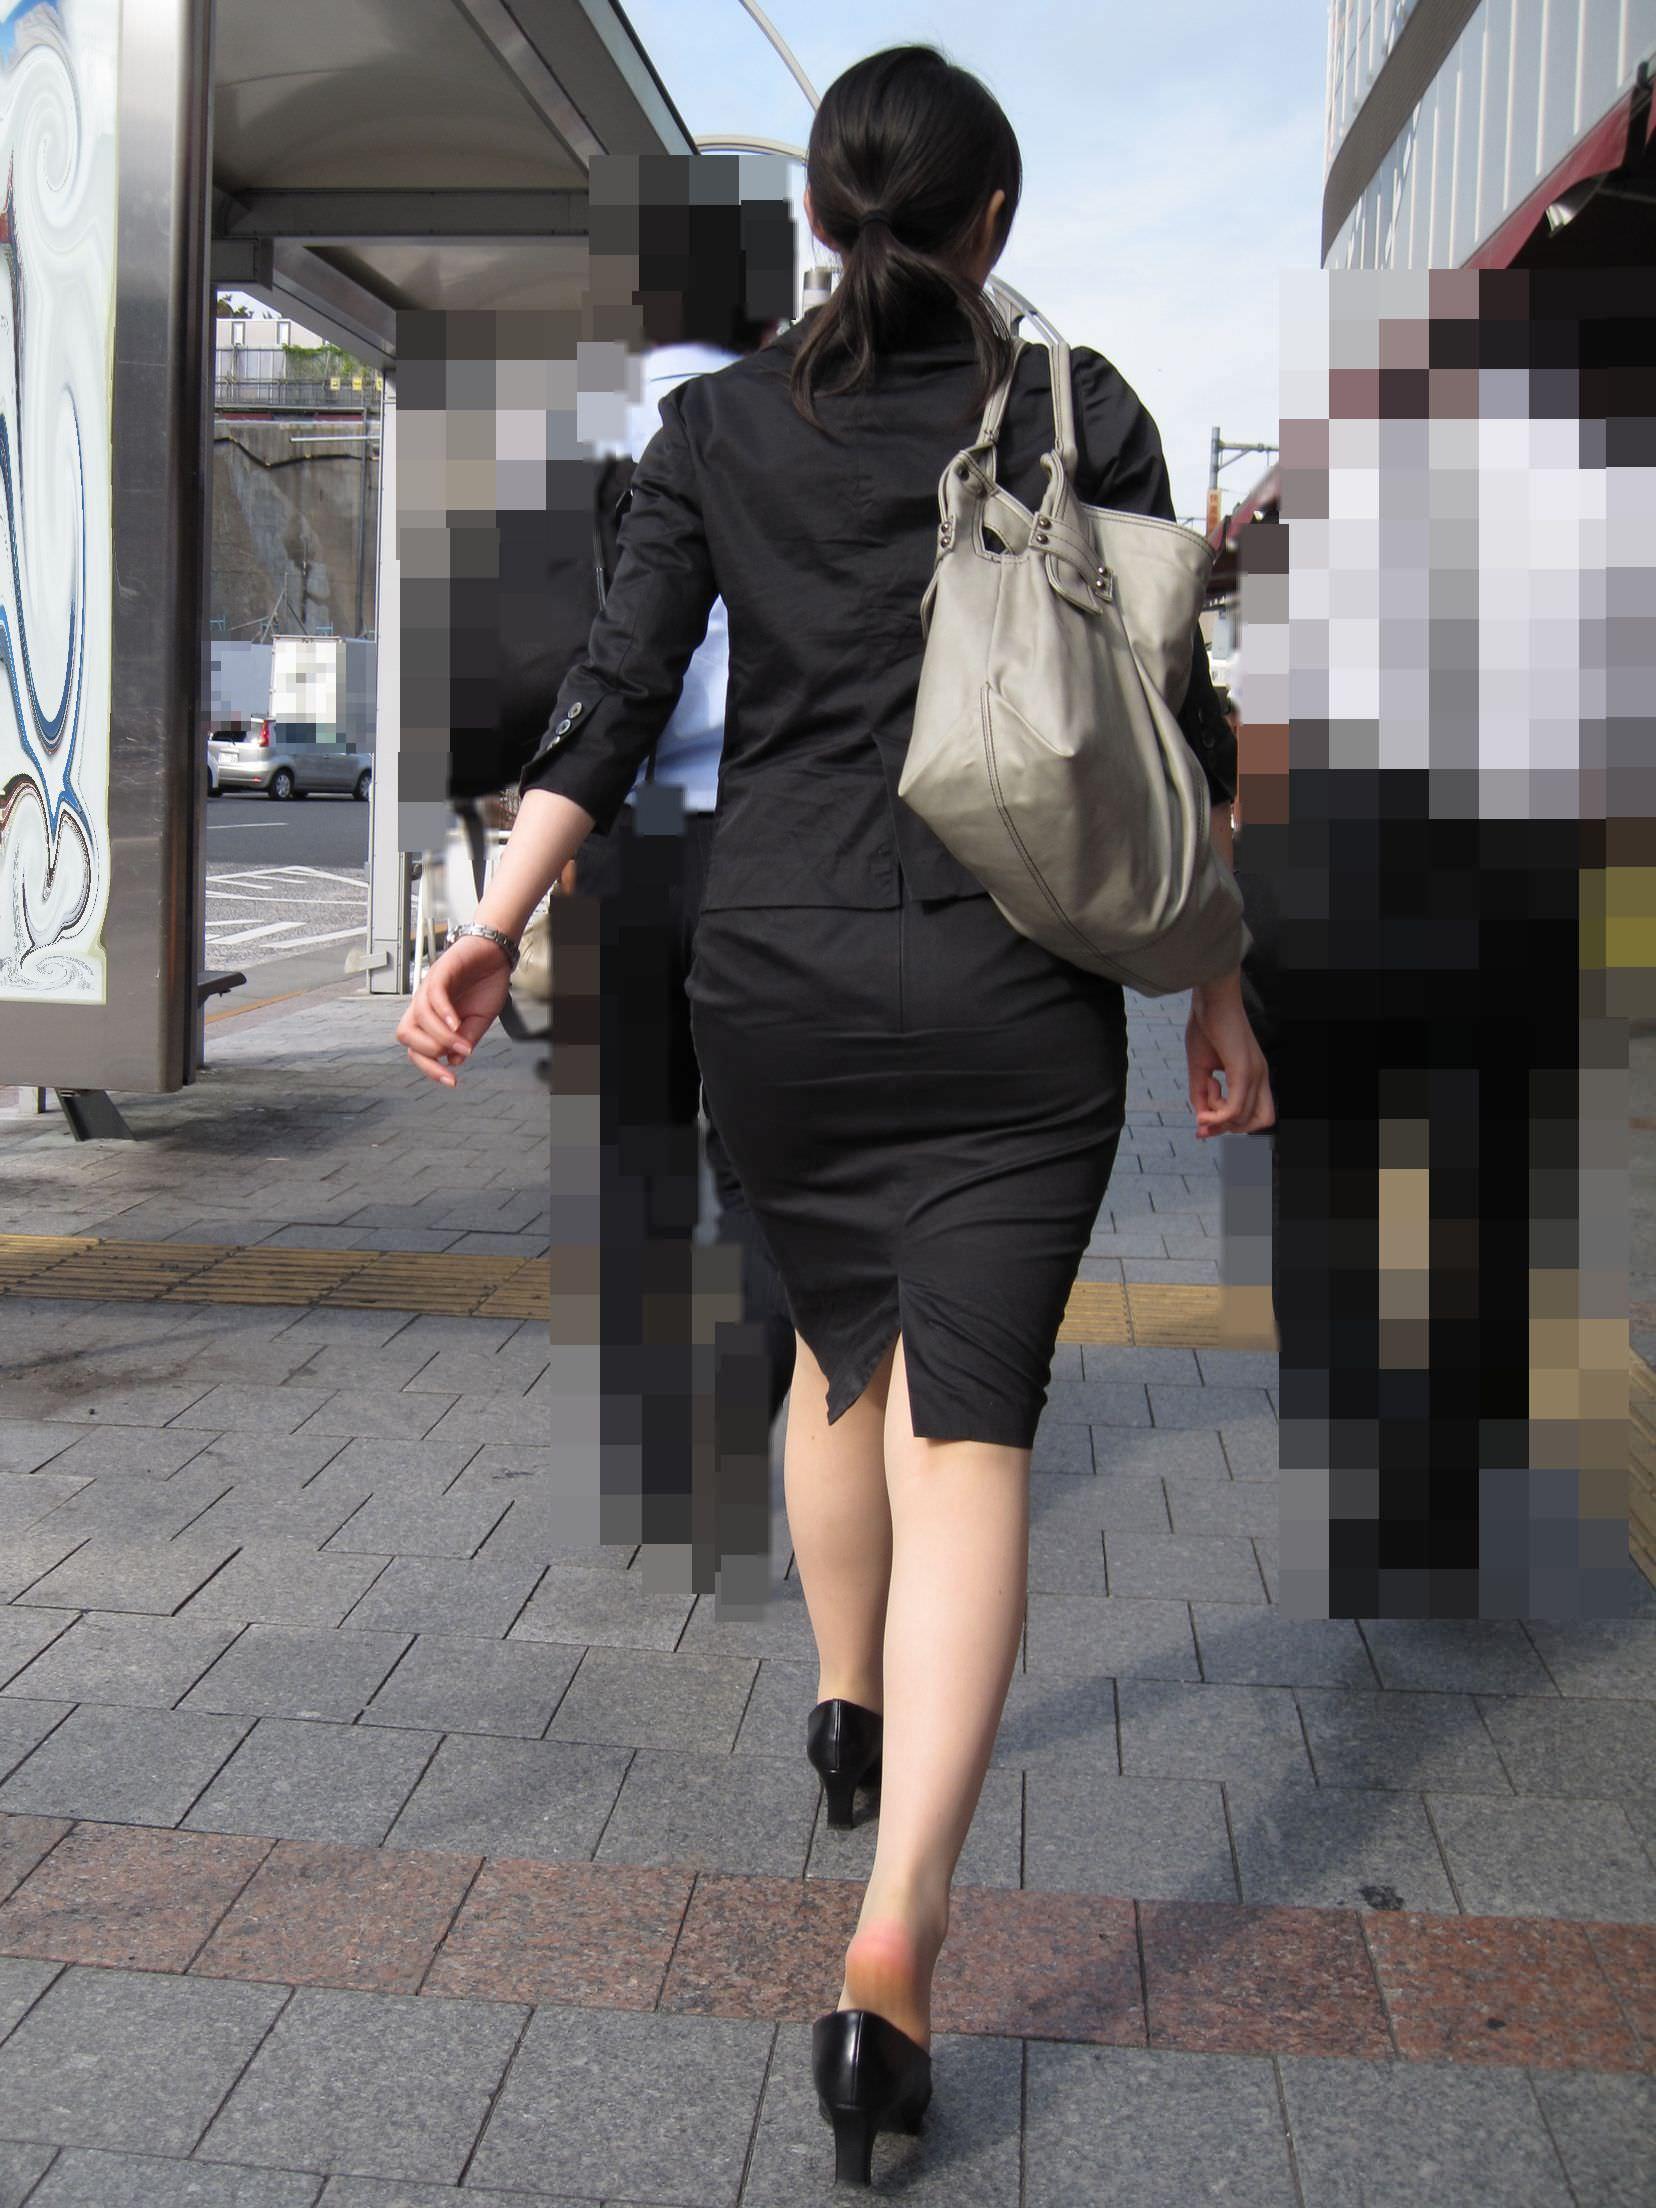 お尻の形が丸わかりなOLさんを尾行して街撮り盗撮www 3063